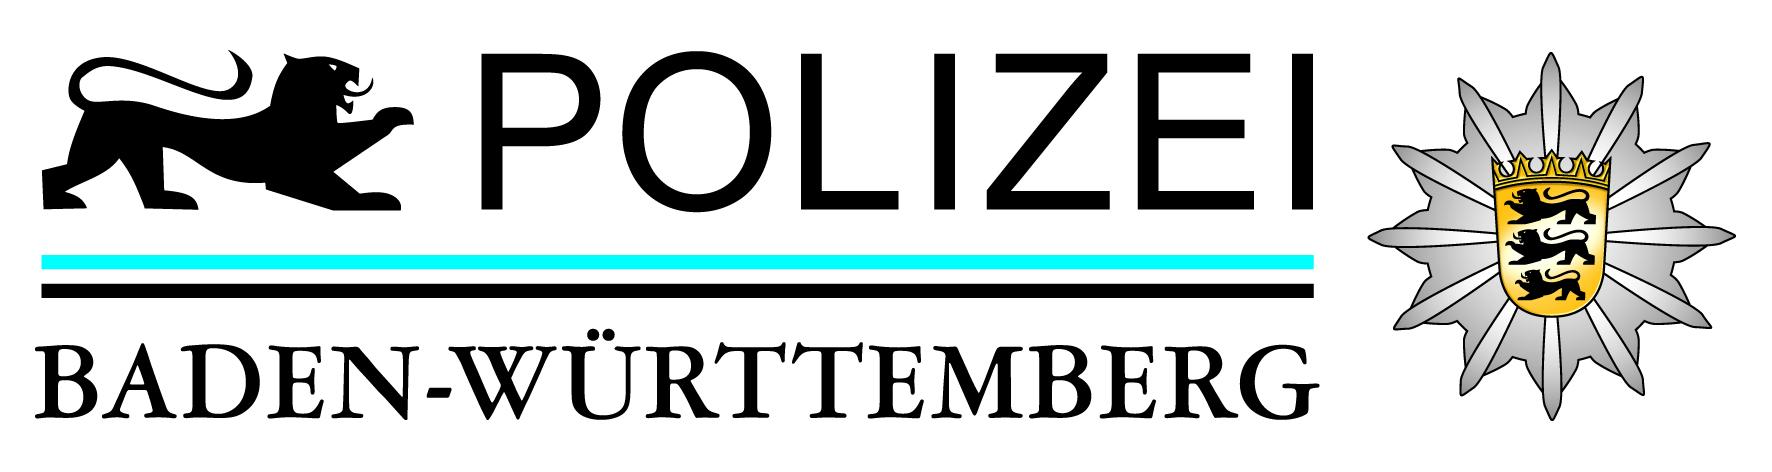 Logo Polizei Baden-Württemberg